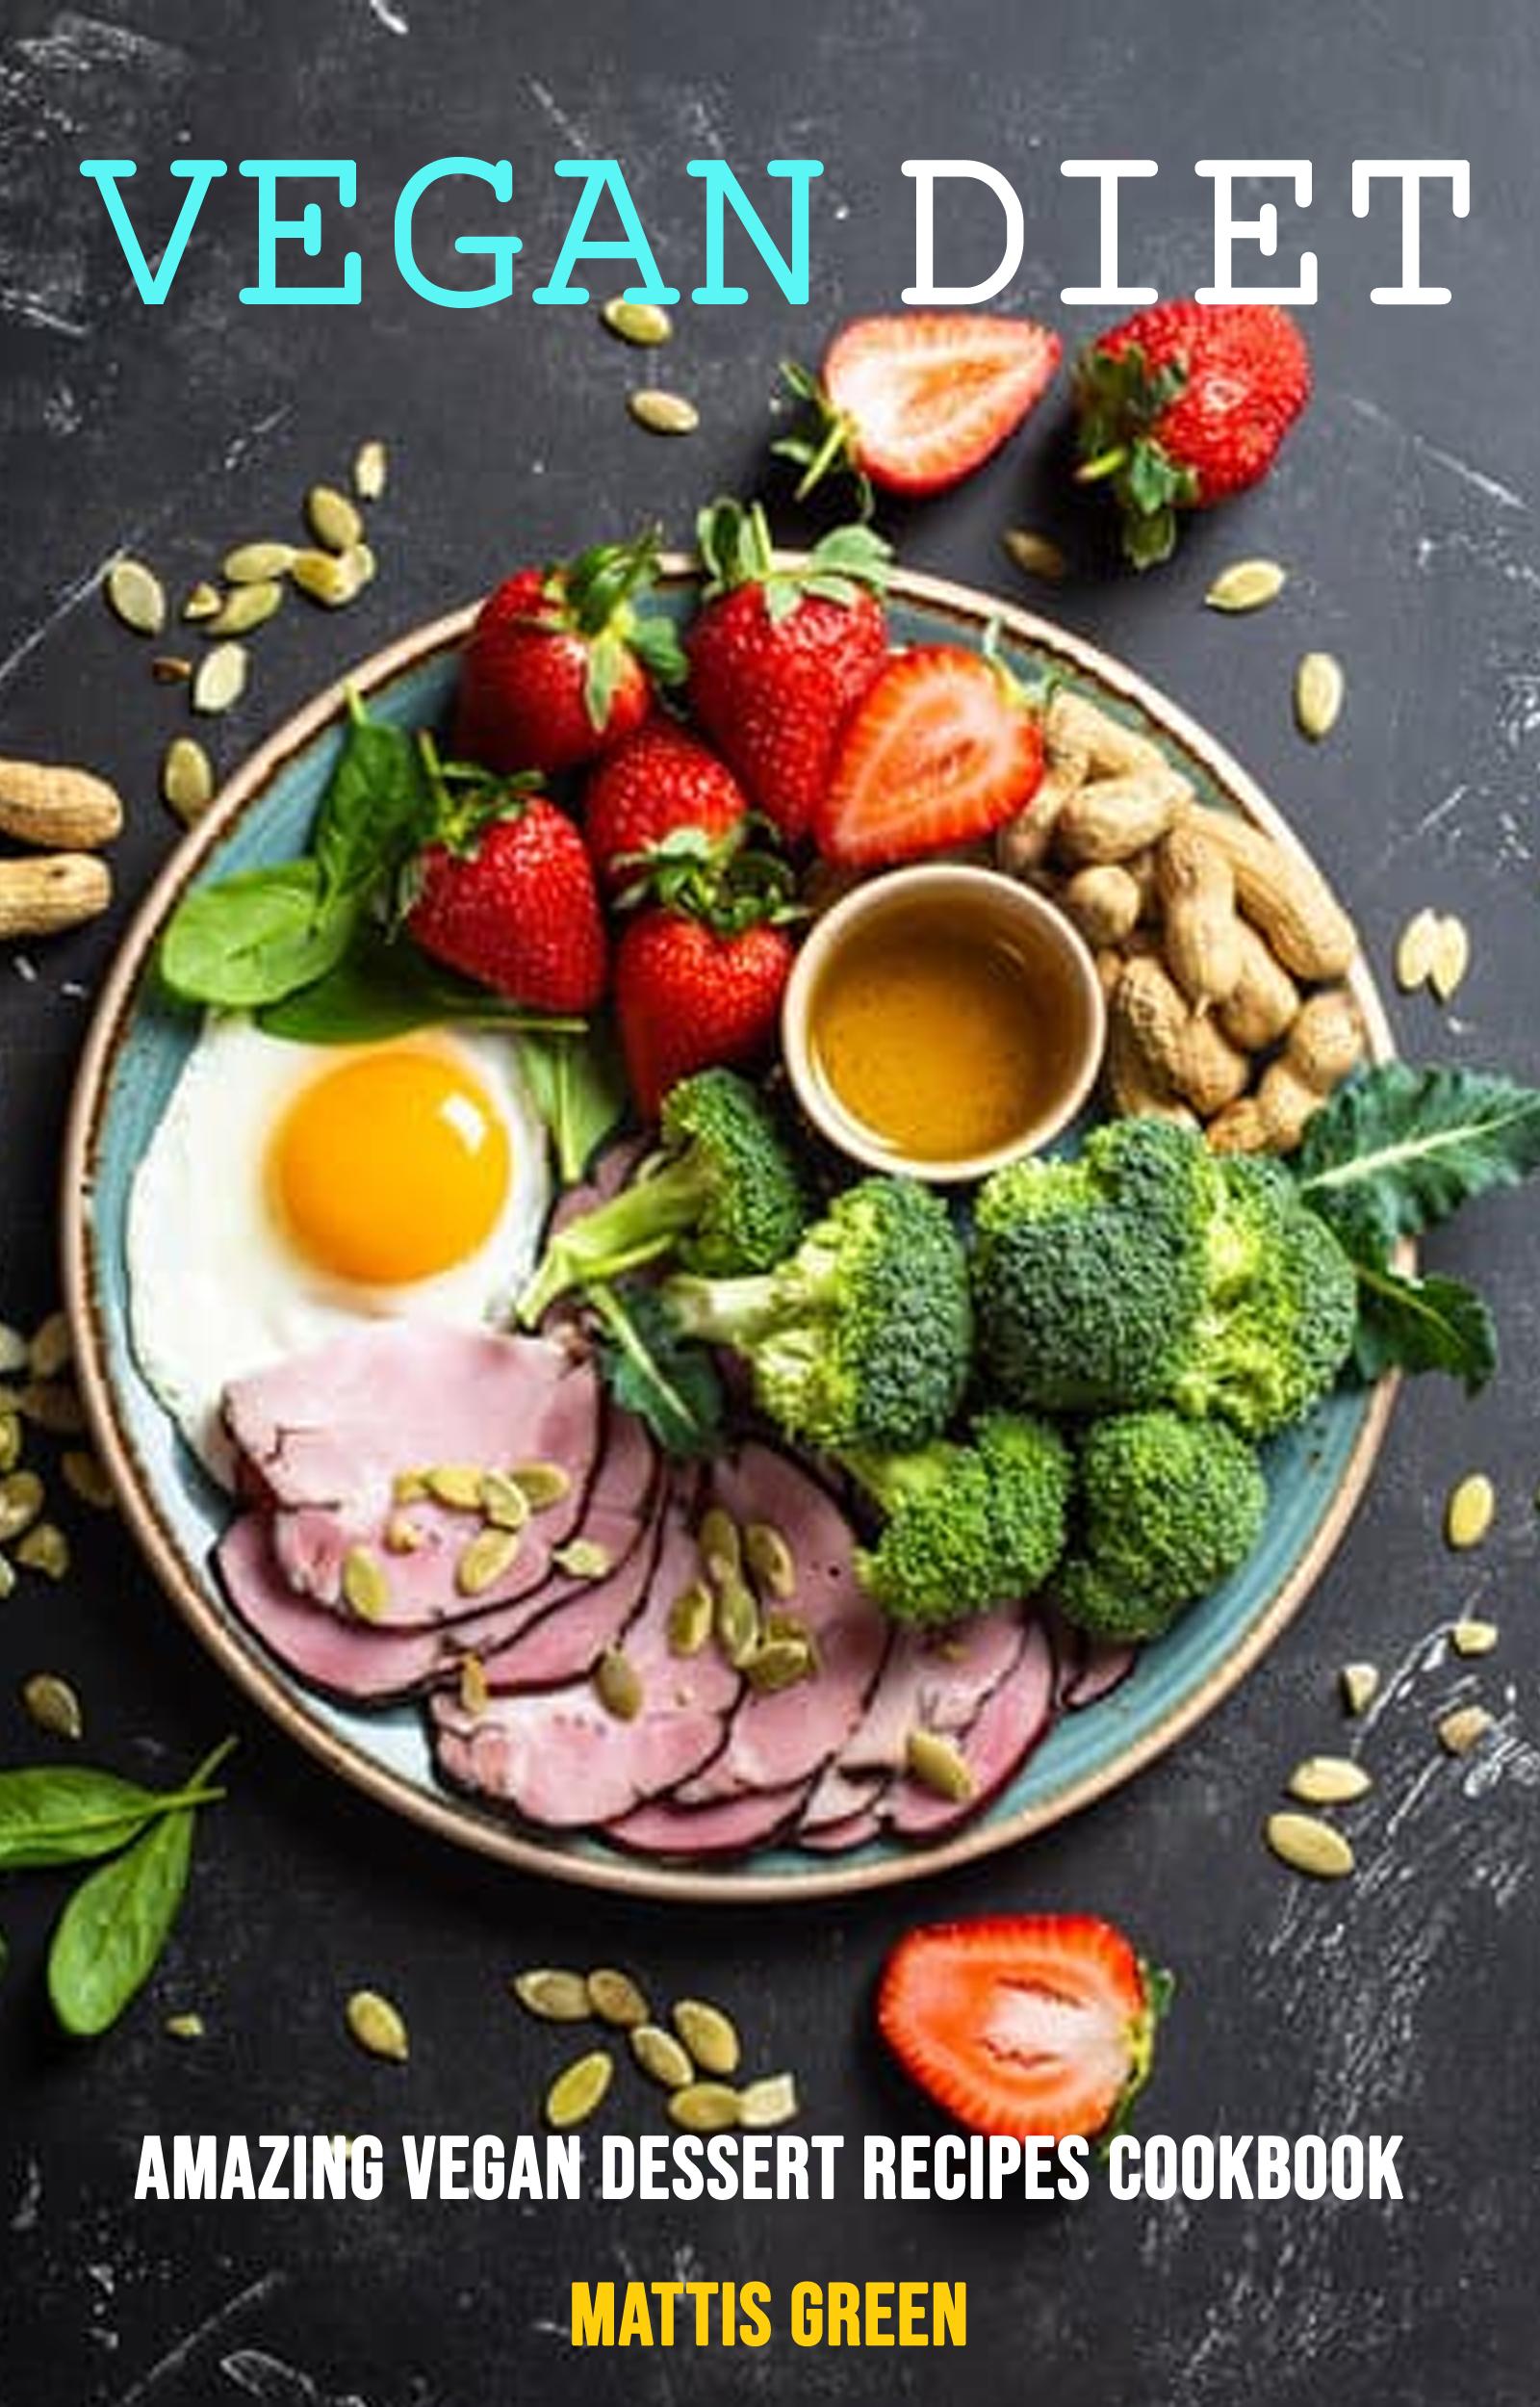 Vegan diet: amazing vegan dessert recipes cookbook